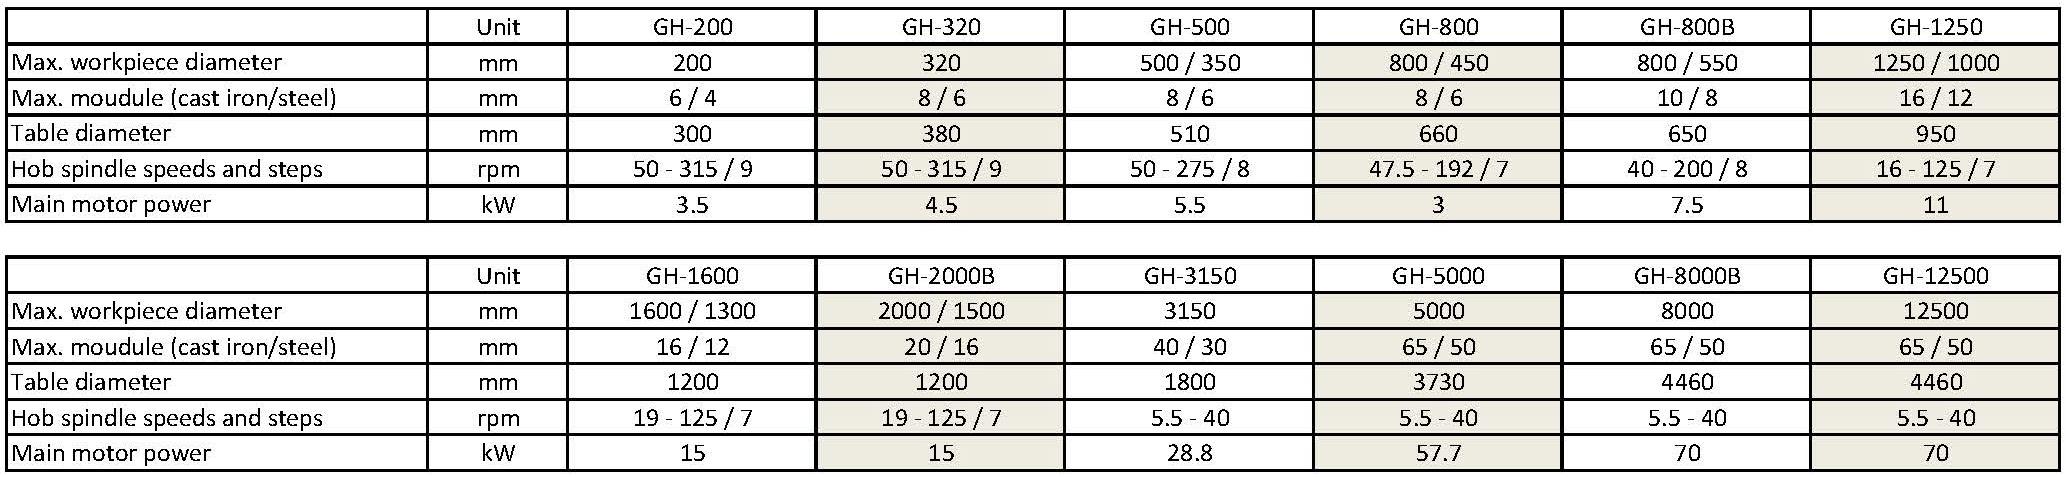 技术参数 - GH